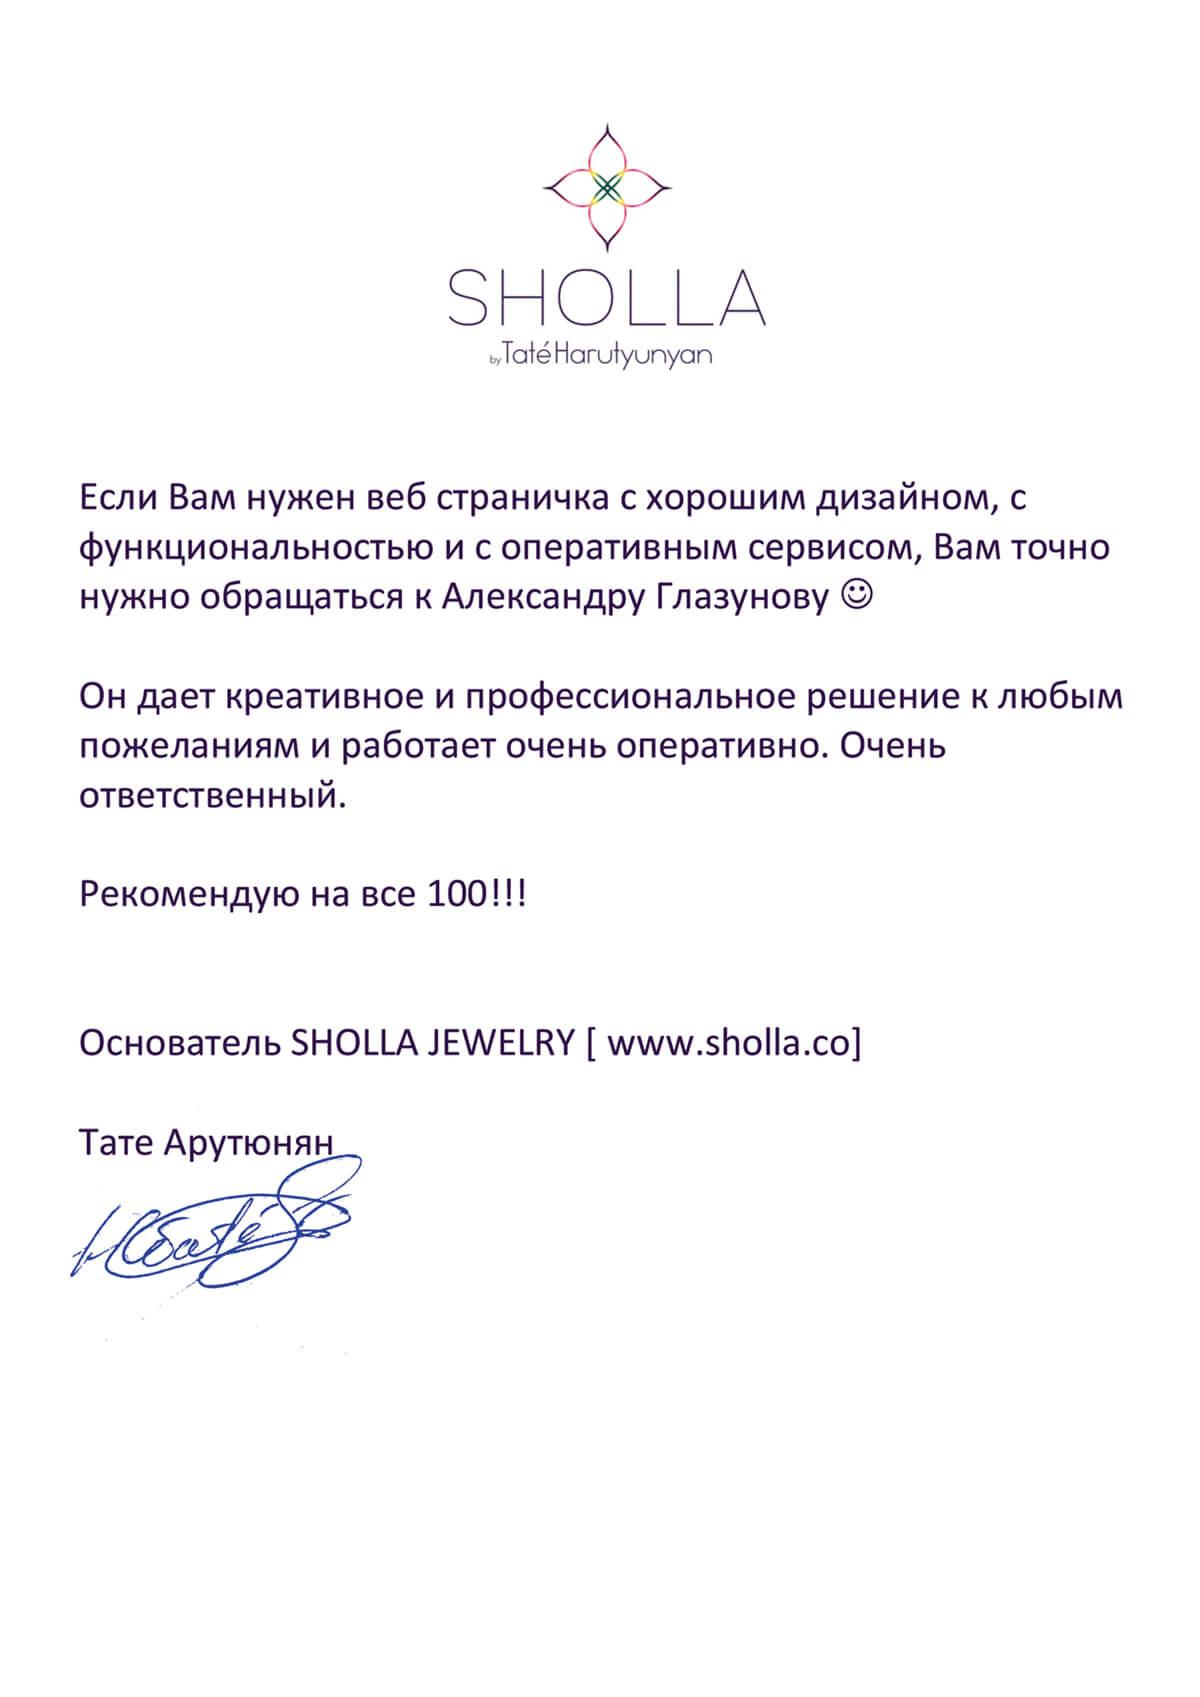 Отзыв от Тате Арутюнян, основателя sholla.co